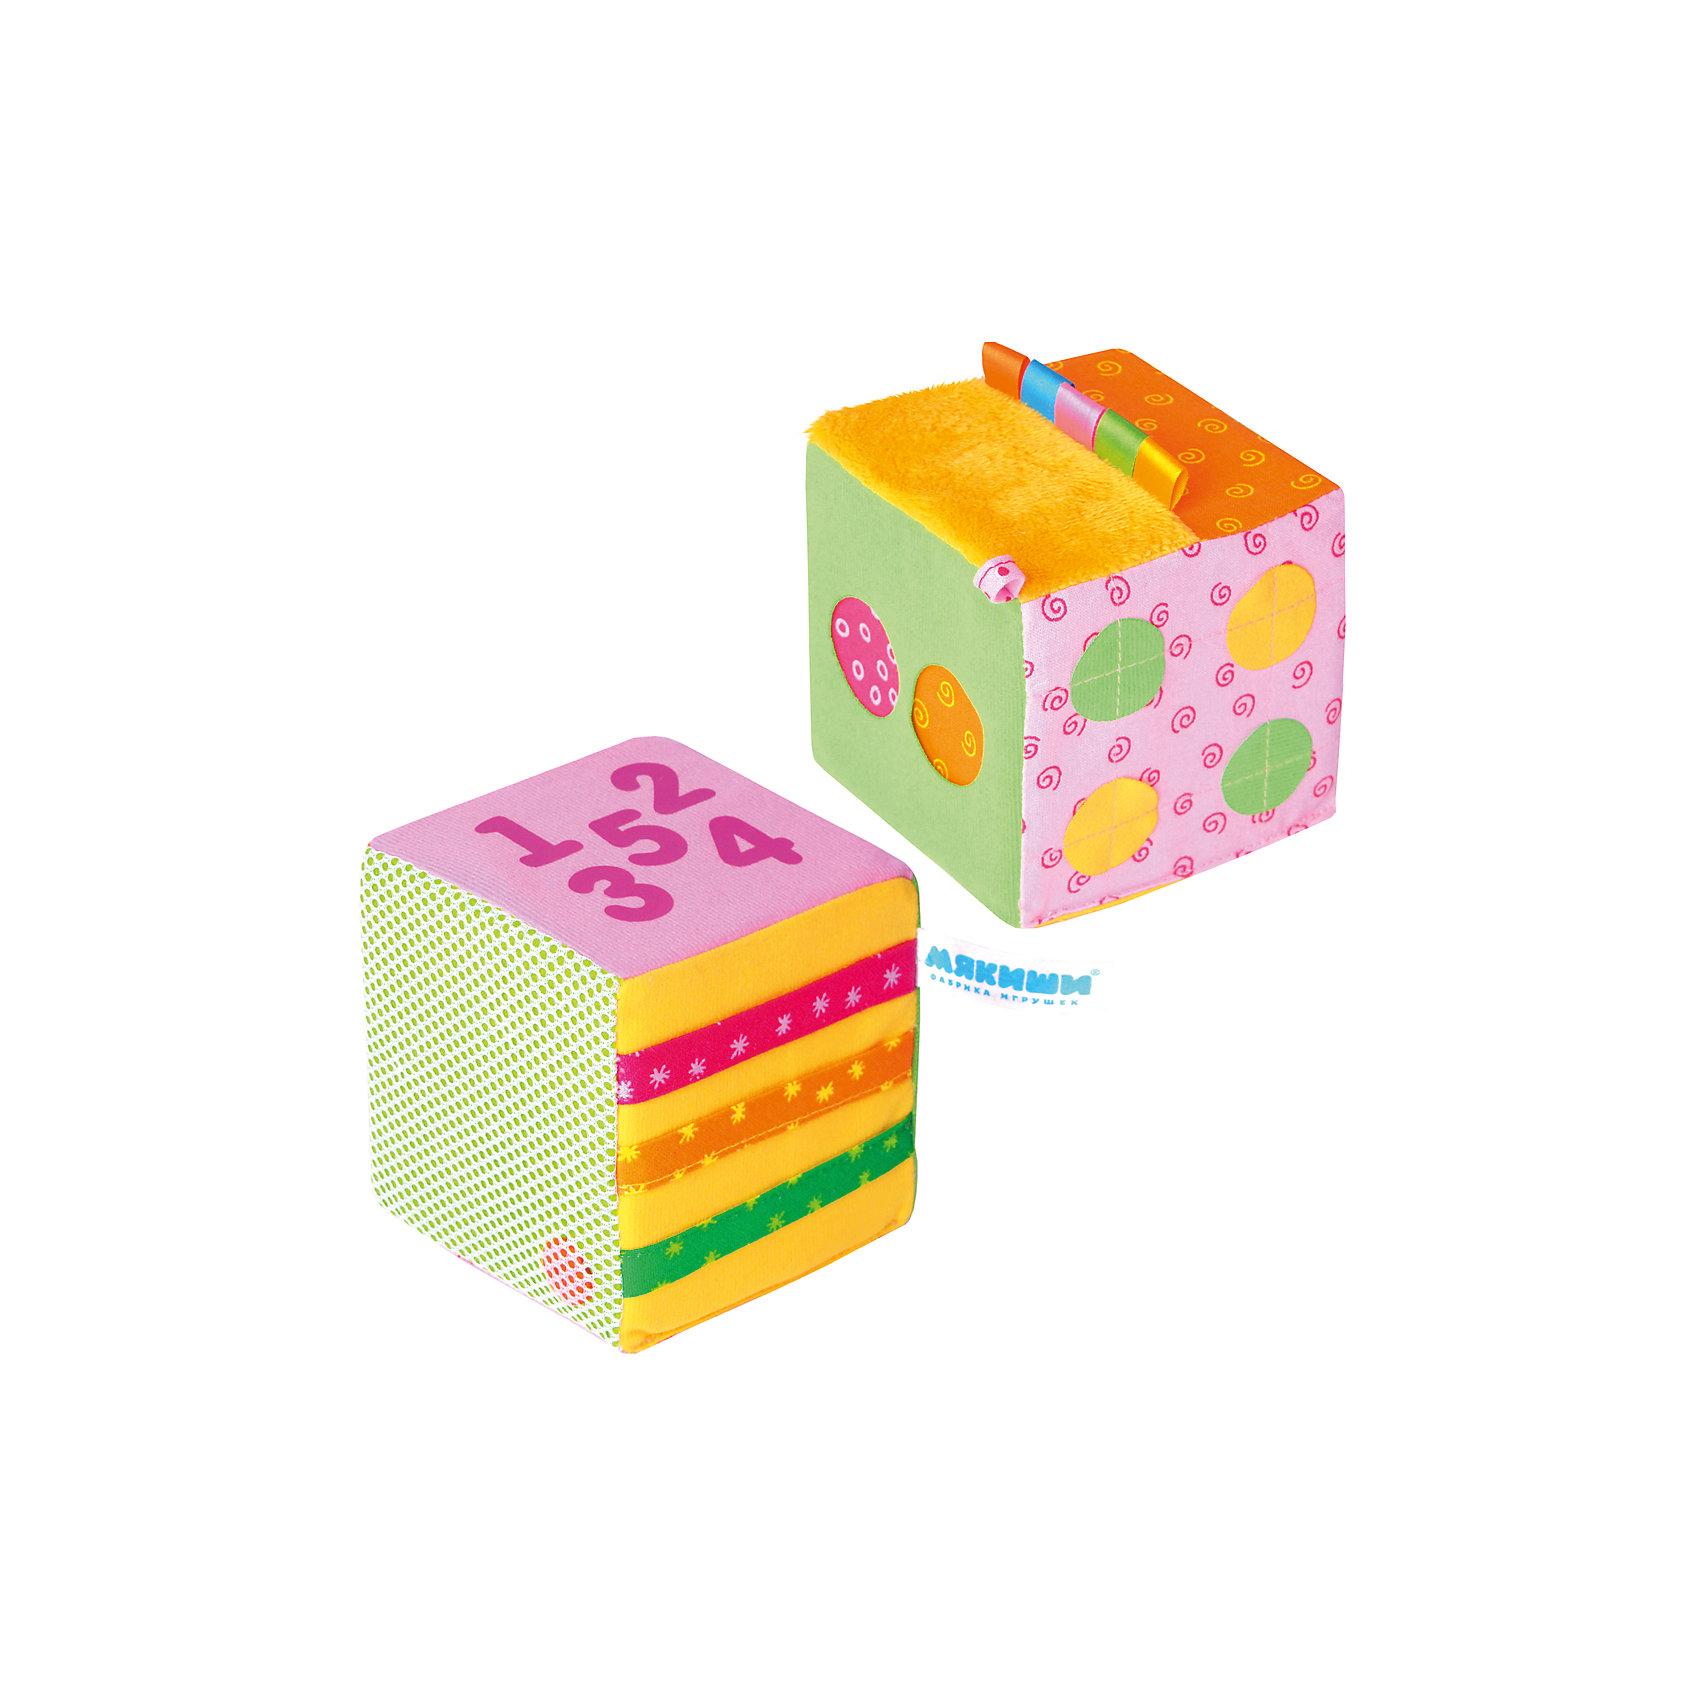 Математический кубик, МякишиХарактеристики товара:<br><br>• материал: разнофактурный текстиль, поролон<br>• комплектация: 1 шт<br>• размер кубика: 10 см<br>• размер упаковки: 14 x 28 x 10 см<br>• развивающая игрушка<br>• звуковой элемент в одном кубике<br>• упаковка: пакет<br>• страна бренда: РФ<br>• страна изготовитель: РФ<br><br>Малыши активно познают мир и тянутся к новой информации. Чтобы сделать процесс изучения окружающего пространства интереснее, ребенку можно подарить развивающие игрушки. В процессе игры информация усваивается намного лучше!<br>Такие кубики помогут занять малыша, играть ими приятно и весело. Одновременно они позволят познакомиться с математикой. Такие игрушки развивают тактильные ощущения, моторику, цветовосприятие, логику, воображение, учат фокусировать внимание. Каждое изделие абсолютно безопасно – оно создано из качественной ткани с мягким наполнителем. Игрушки производятся из качественных и проверенных материалов, которые безопасны для детей.<br><br>Математический кубик от бренда Мякиши можно купить в нашем интернет-магазине.<br><br>Ширина мм: 100<br>Глубина мм: 100<br>Высота мм: 100<br>Вес г: 140<br>Возраст от месяцев: 12<br>Возраст до месяцев: 36<br>Пол: Унисекс<br>Возраст: Детский<br>SKU: 5183224